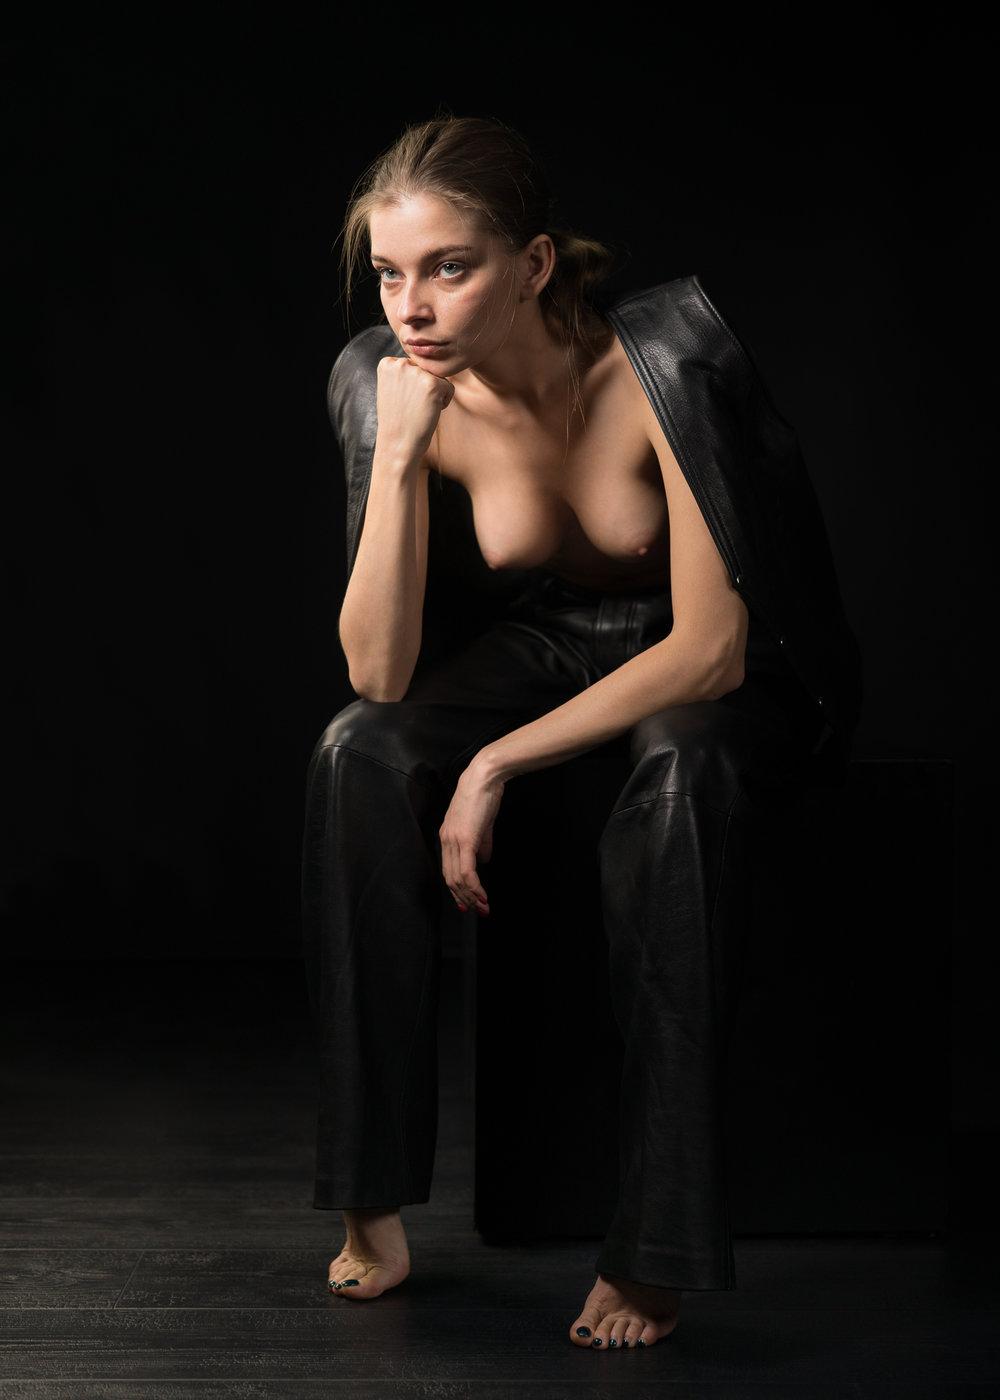 Anna Raise